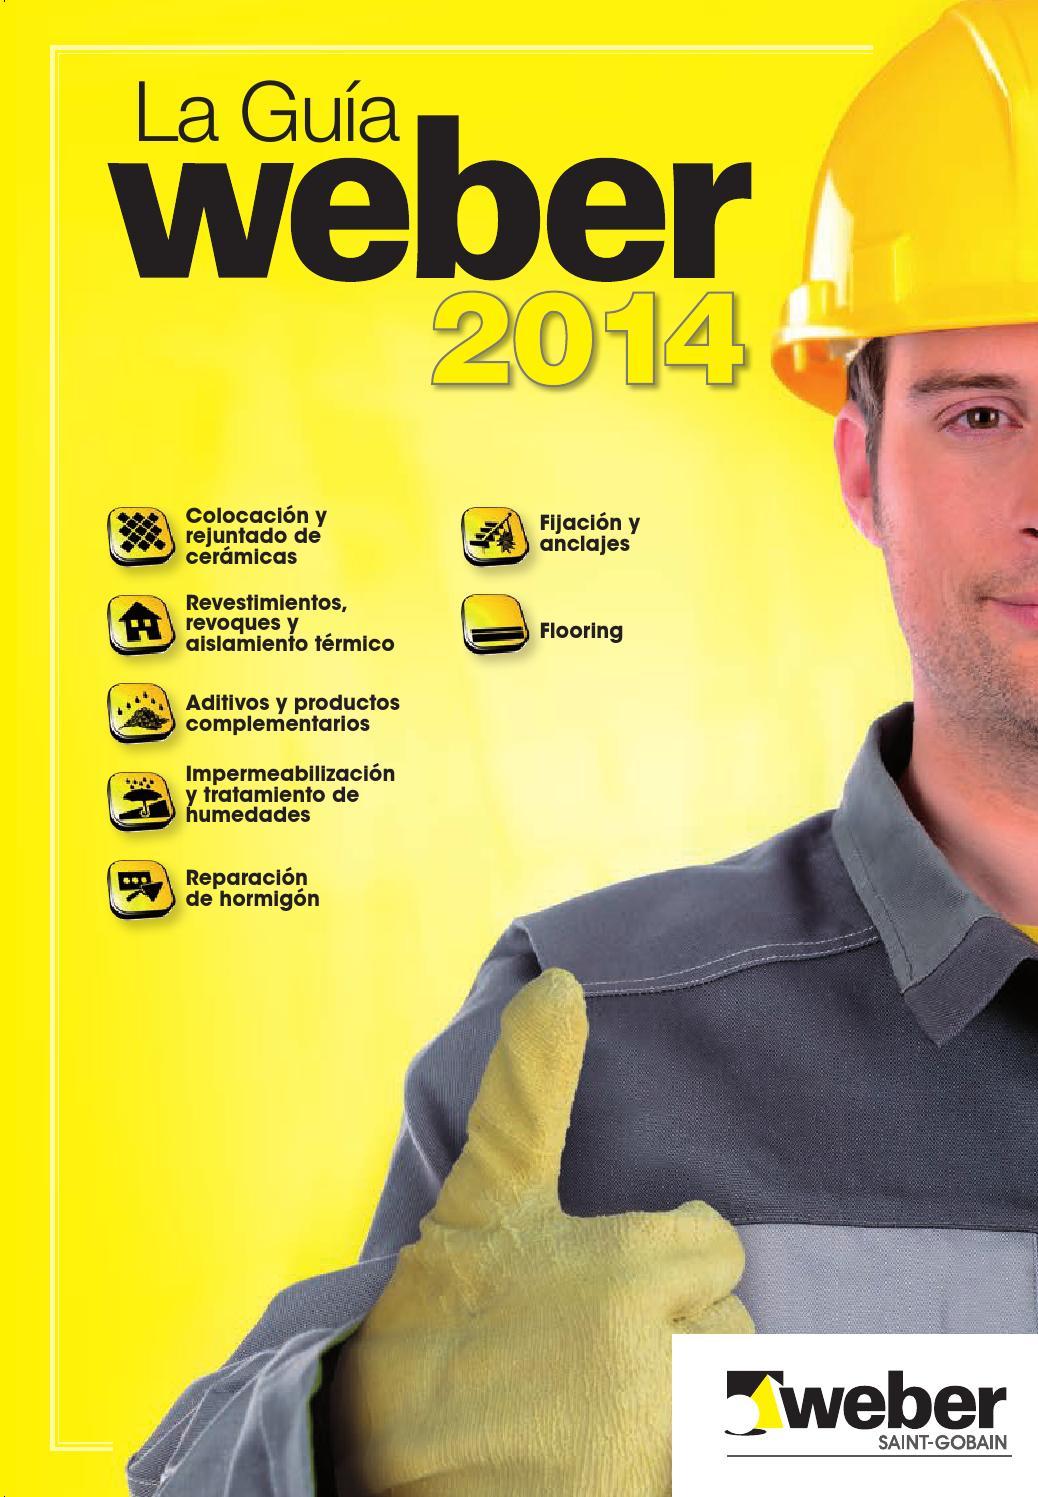 La gu a weber 2014 by weber issuu for Polvo en la piscina